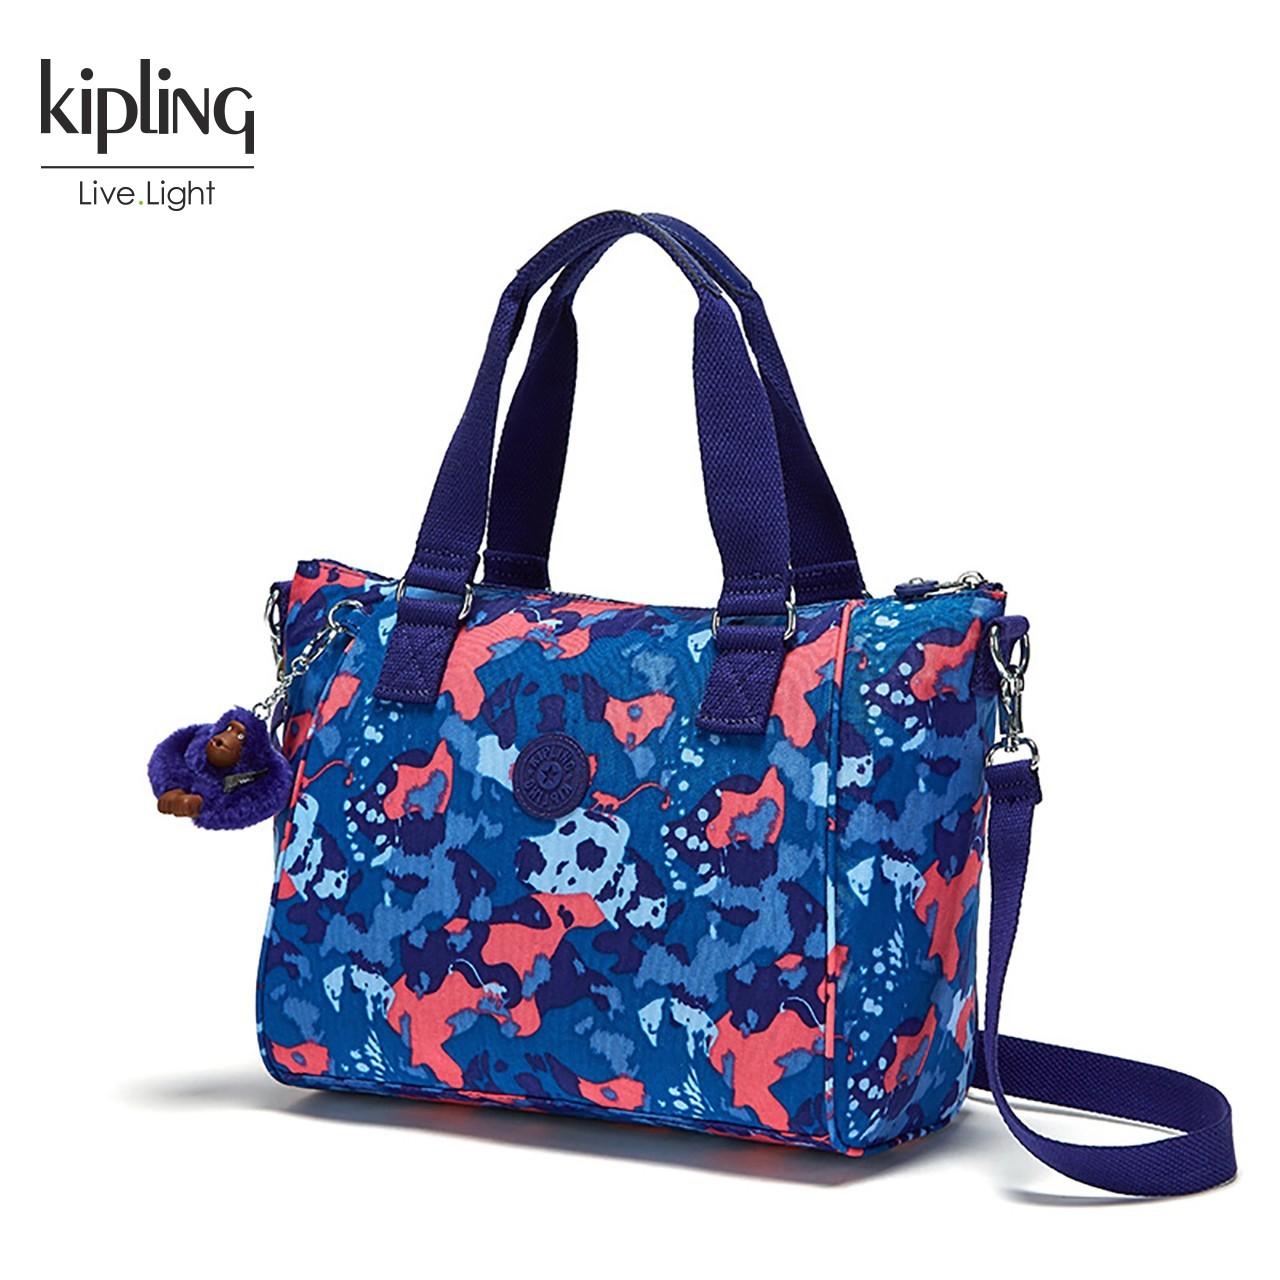 Kipling凯浦林官网新款休闲女包K15371时尚印花轻便单肩斜挎包